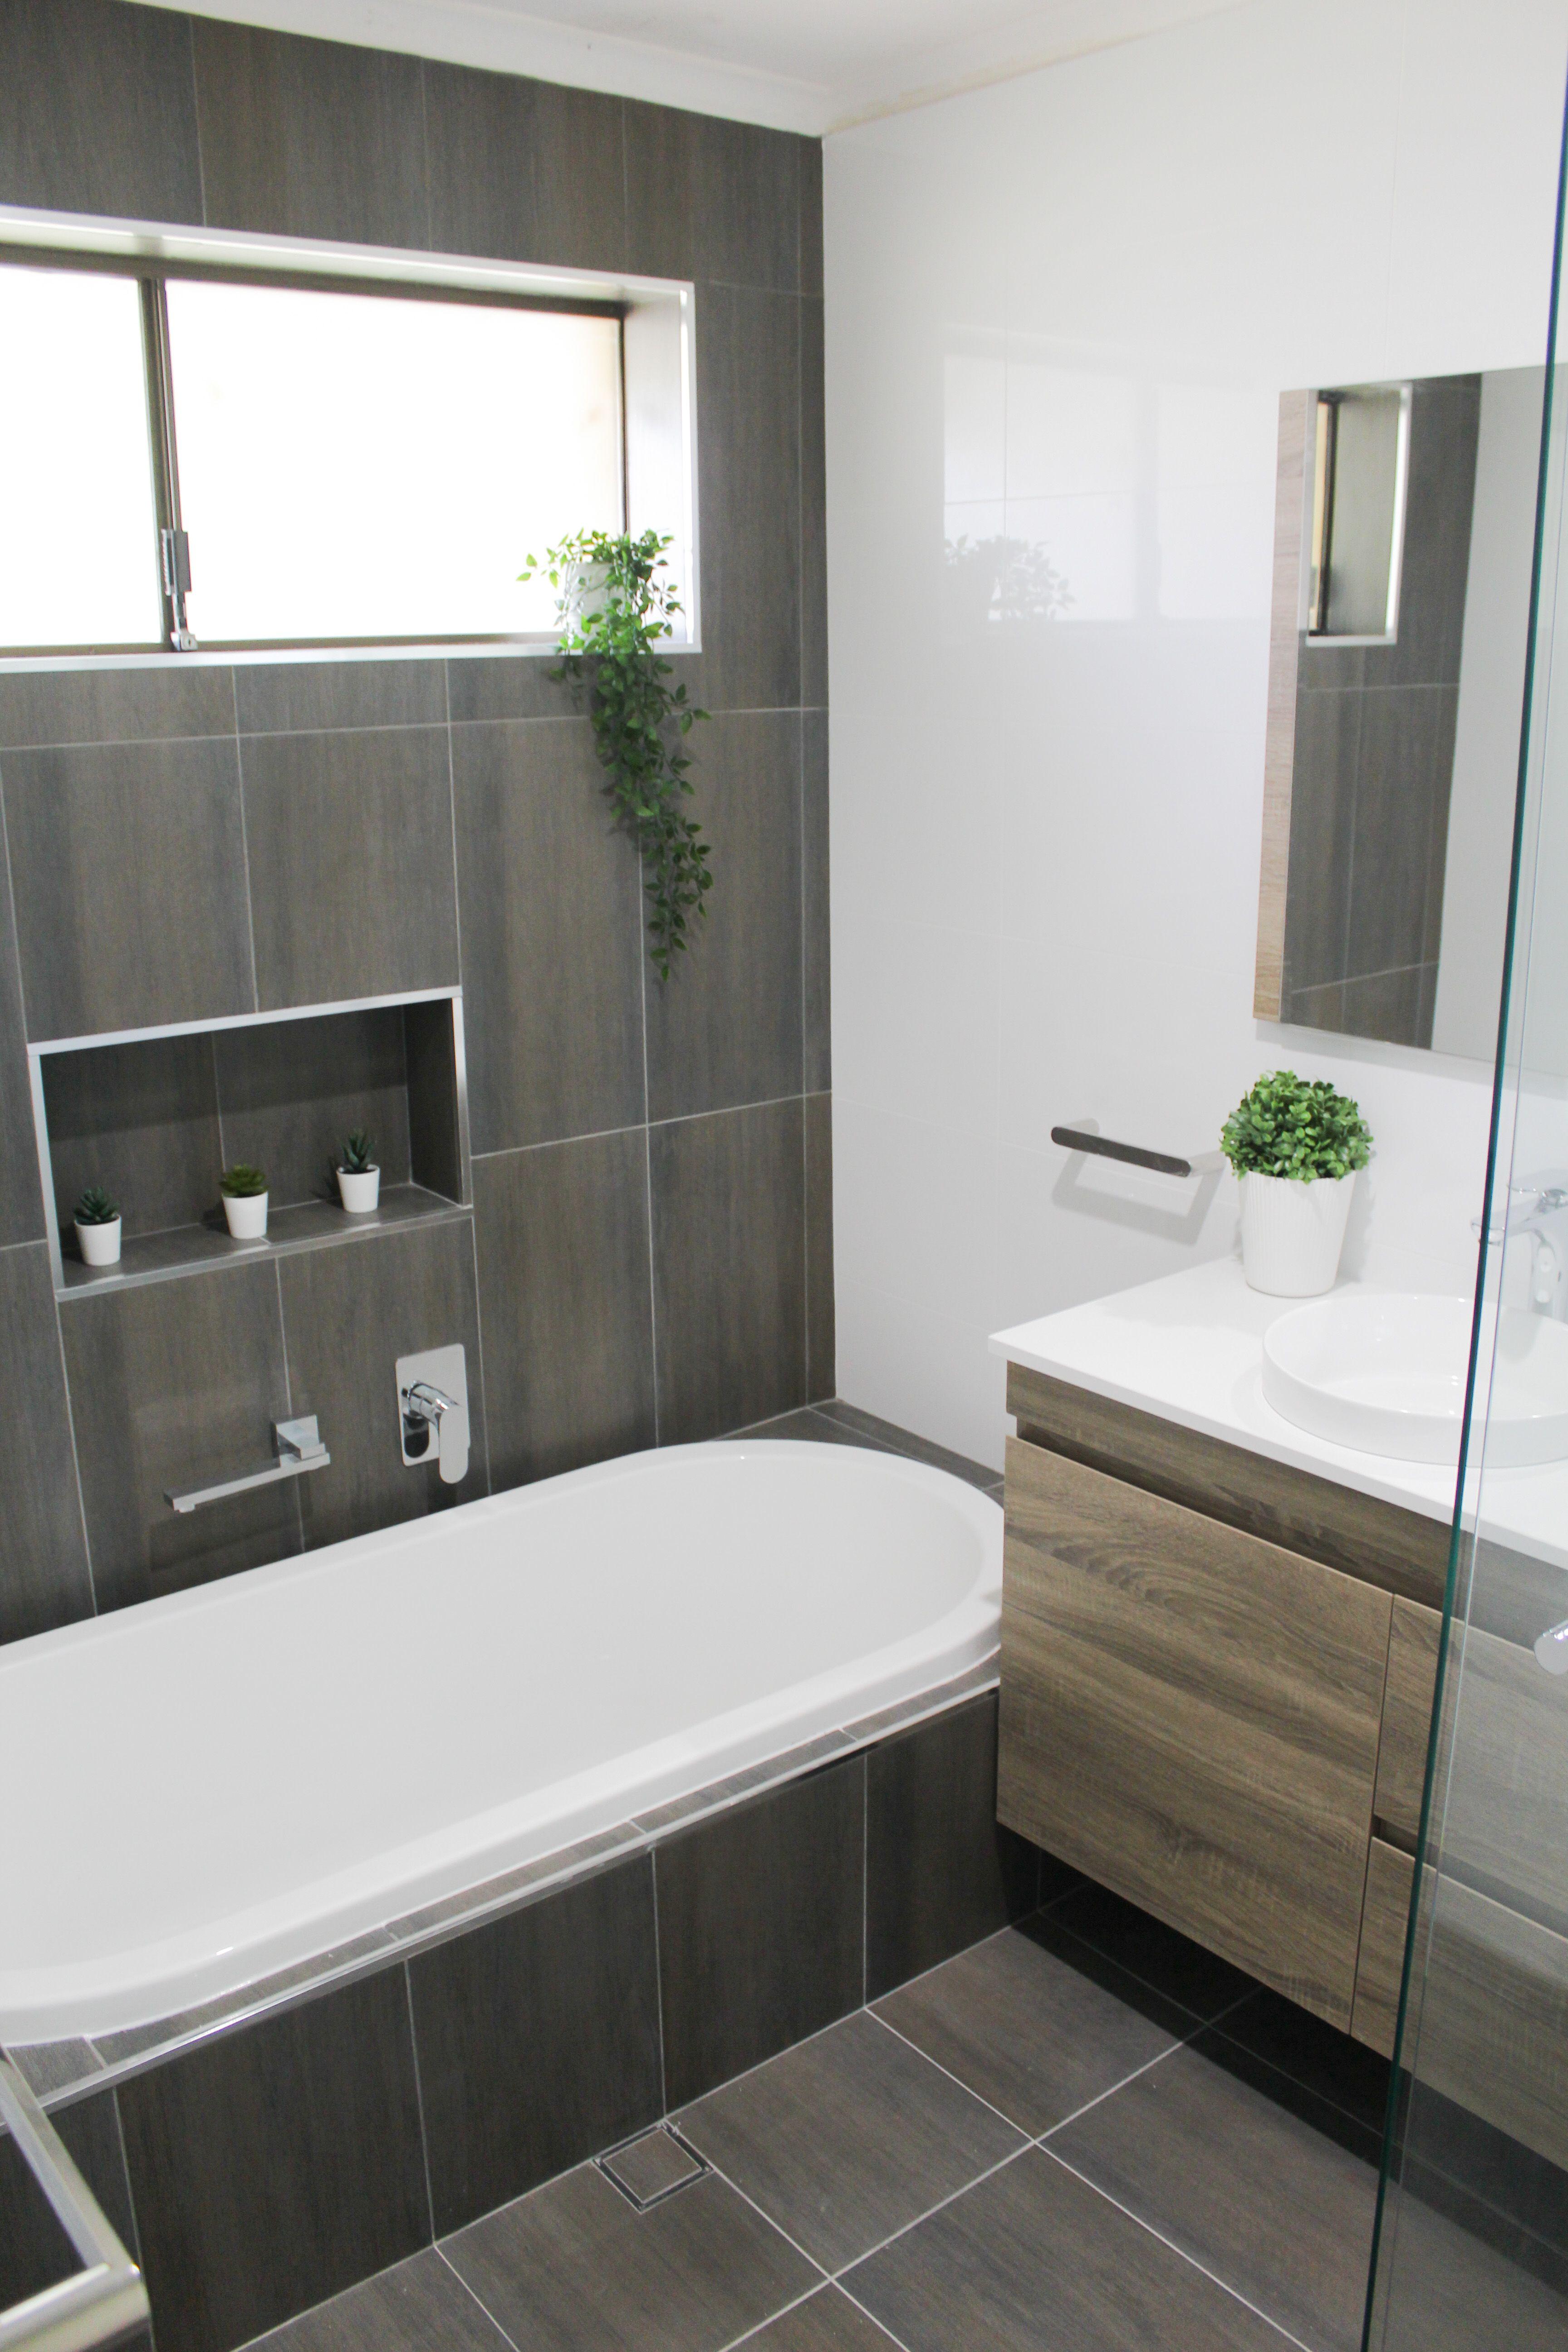 3 Part Bathroom Small Bathroom Renovations Bathroom Renovations